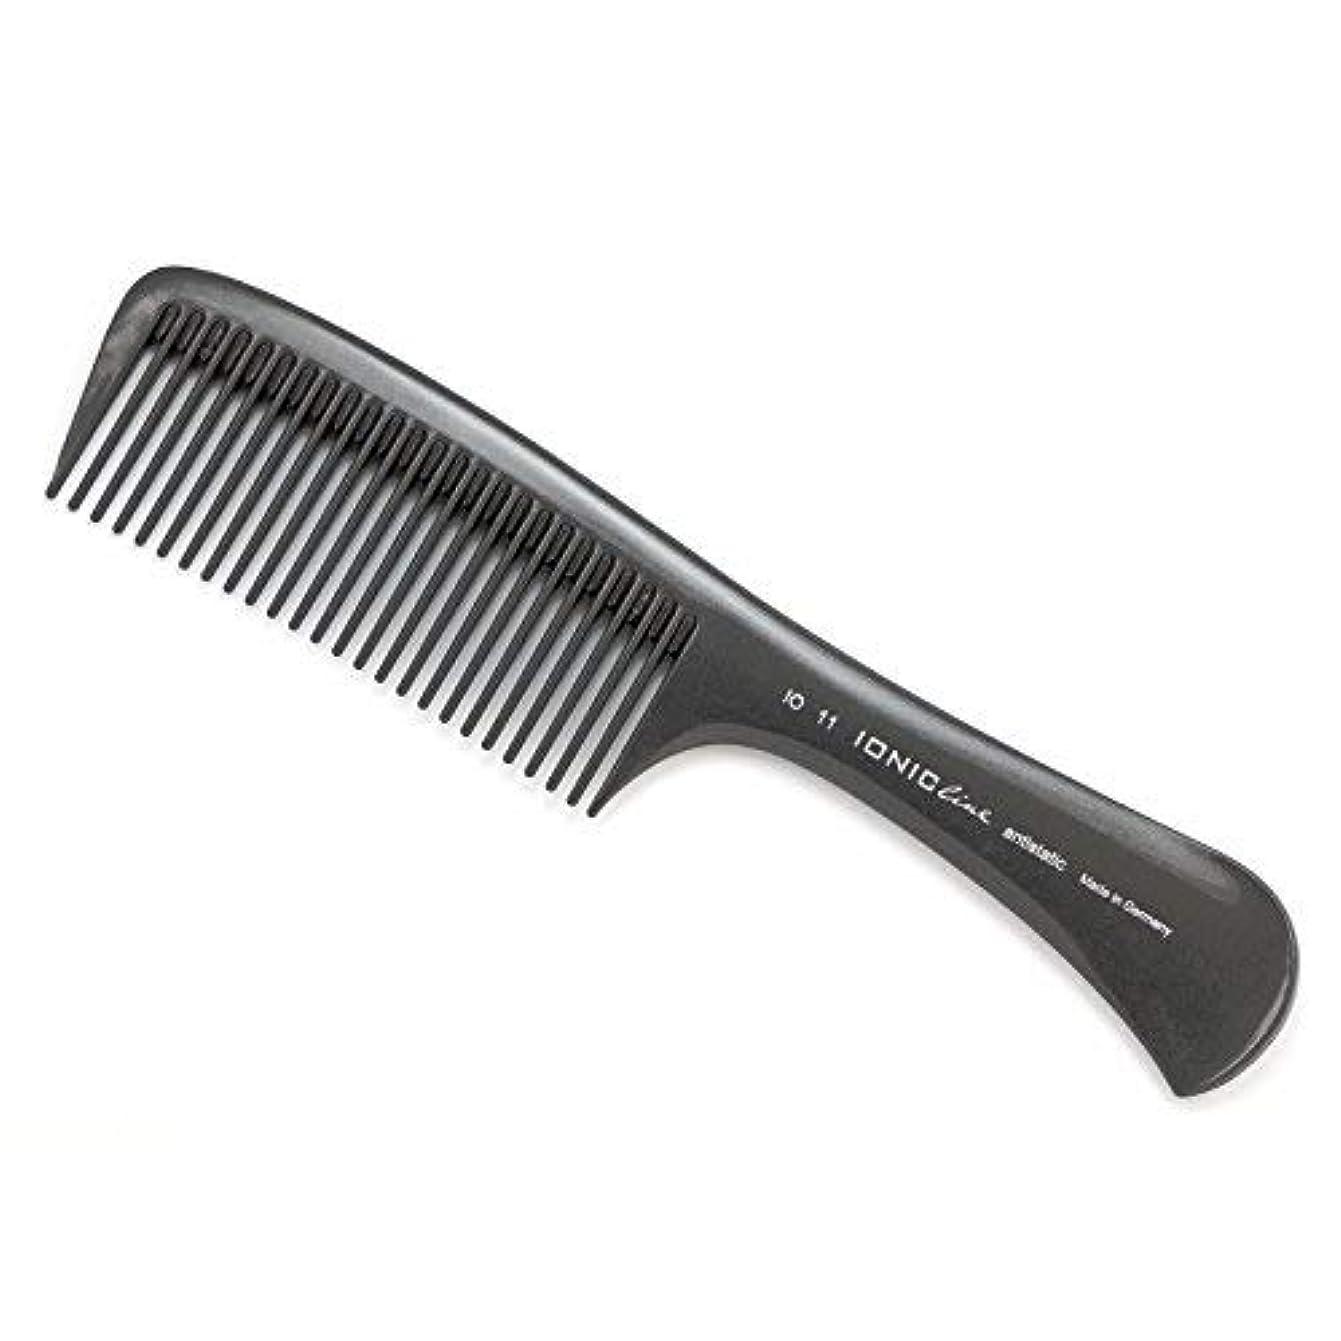 広告する印刷する彼のHercules S?gemann IONIC Line Handle Comb, Big Working Comb | Ionized Thermoplastic - Made in Germany [並行輸入品]